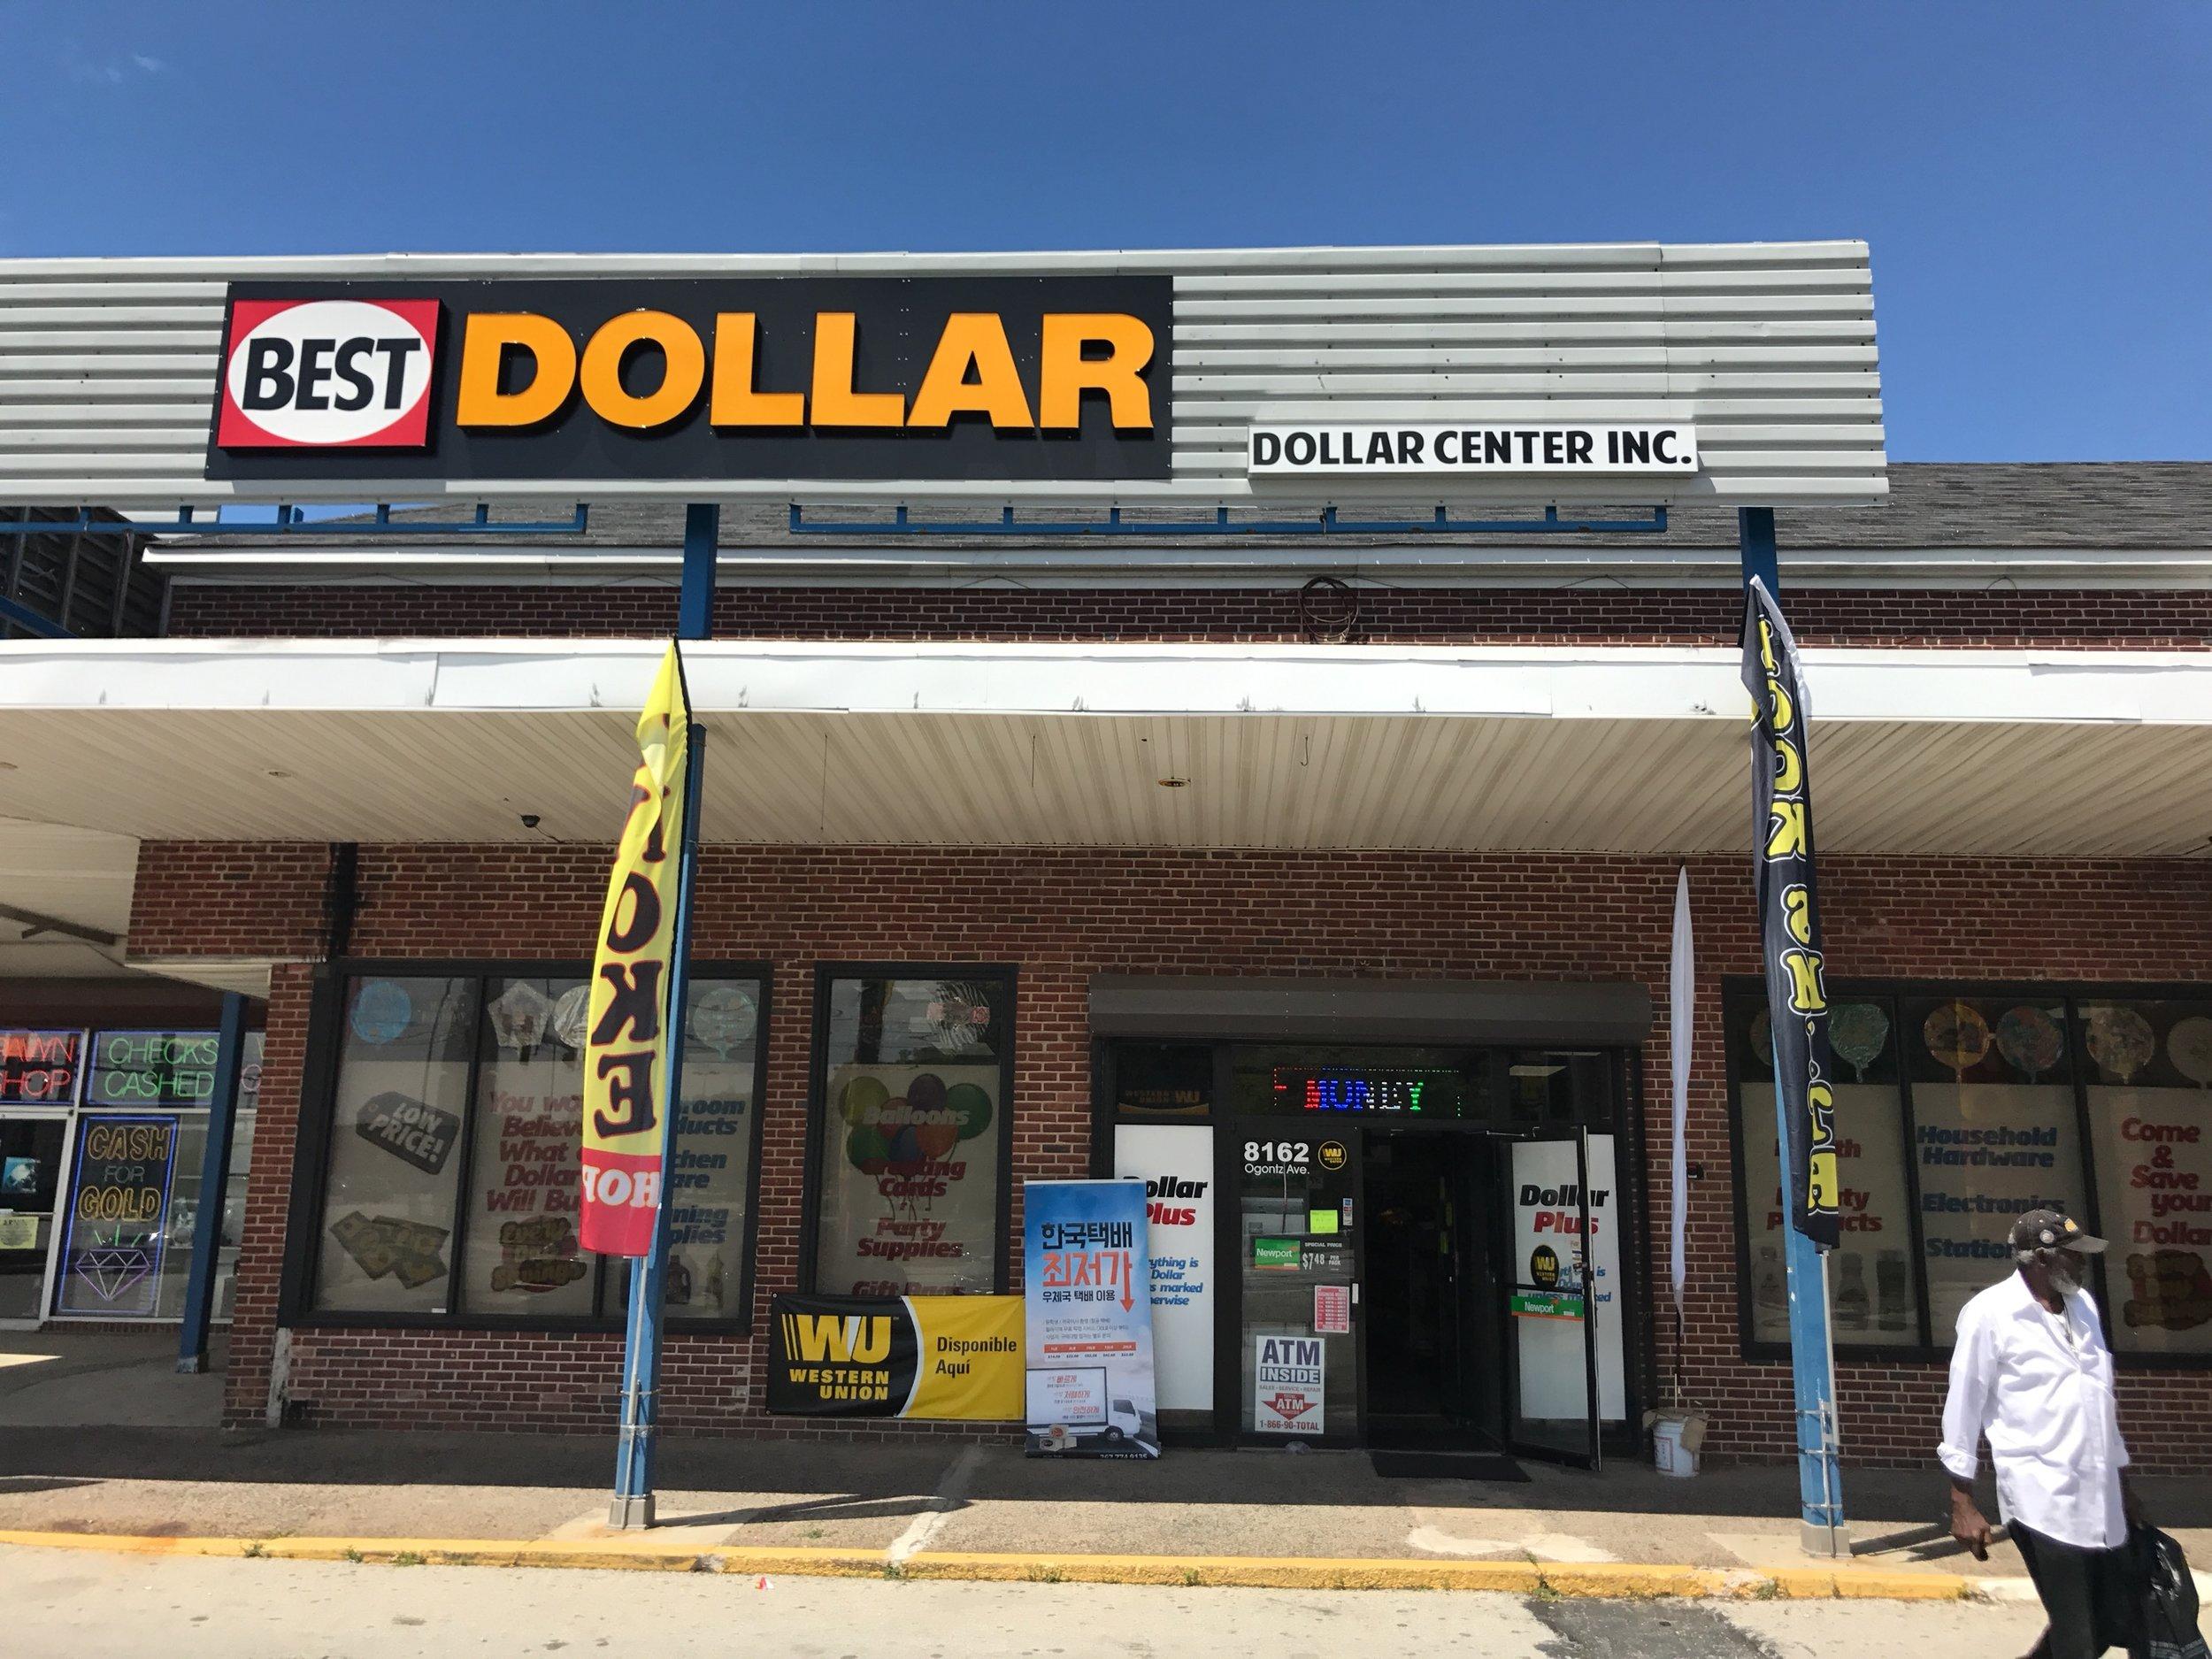 Best Dollar in Wyncote, PA